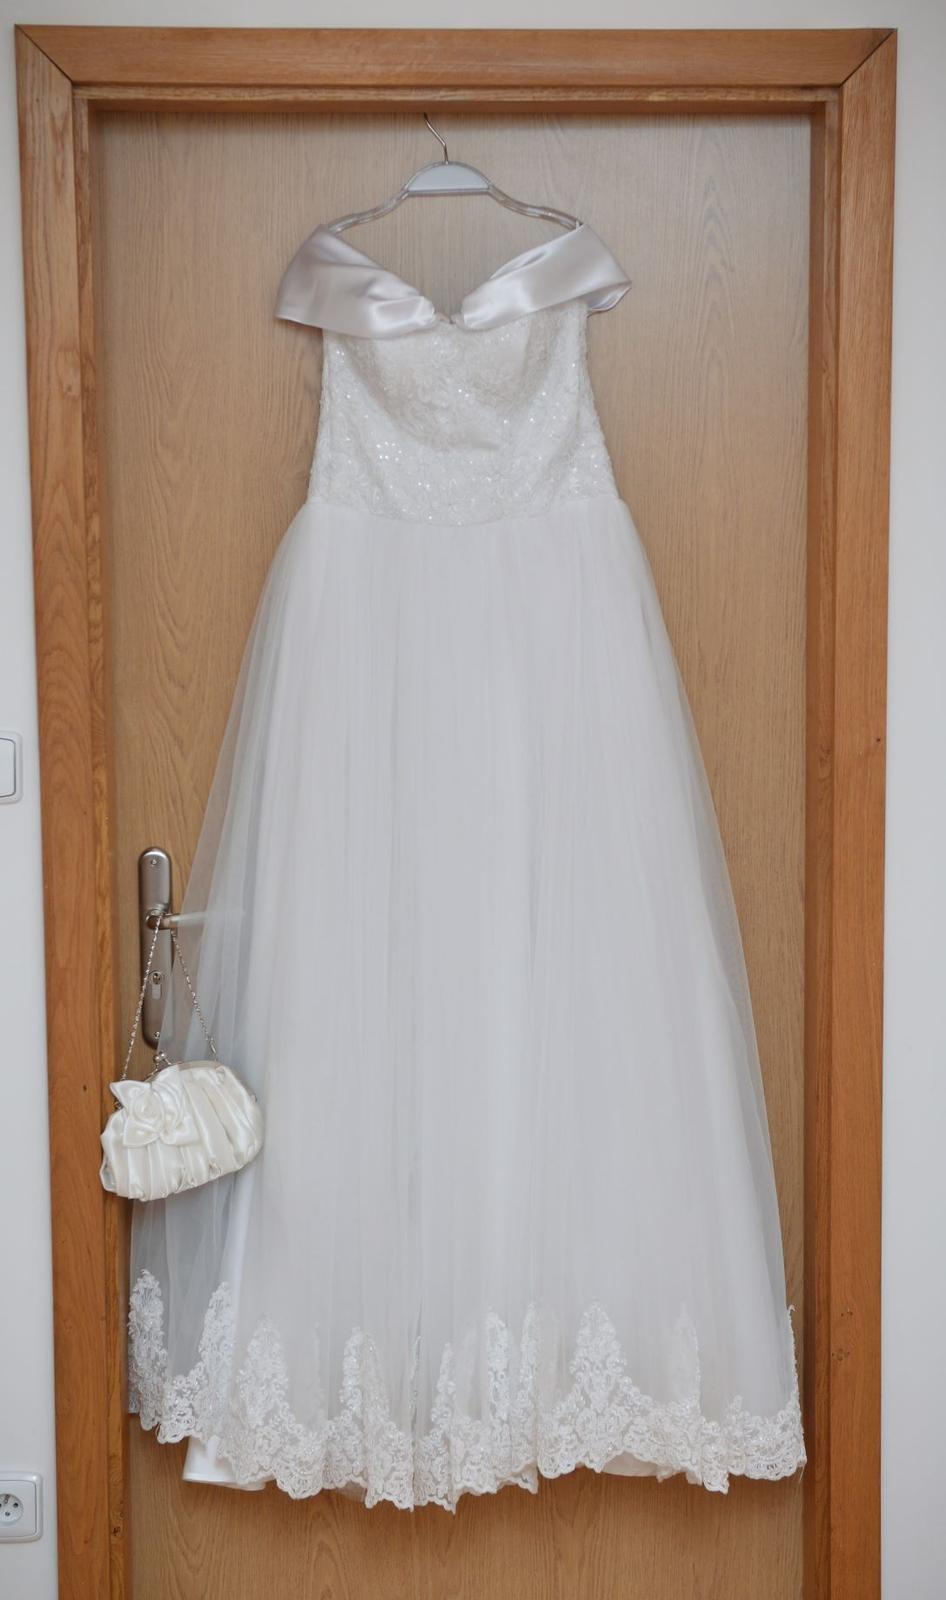 Svadobné šaty veľkosť 36 - Obrázok č. 2